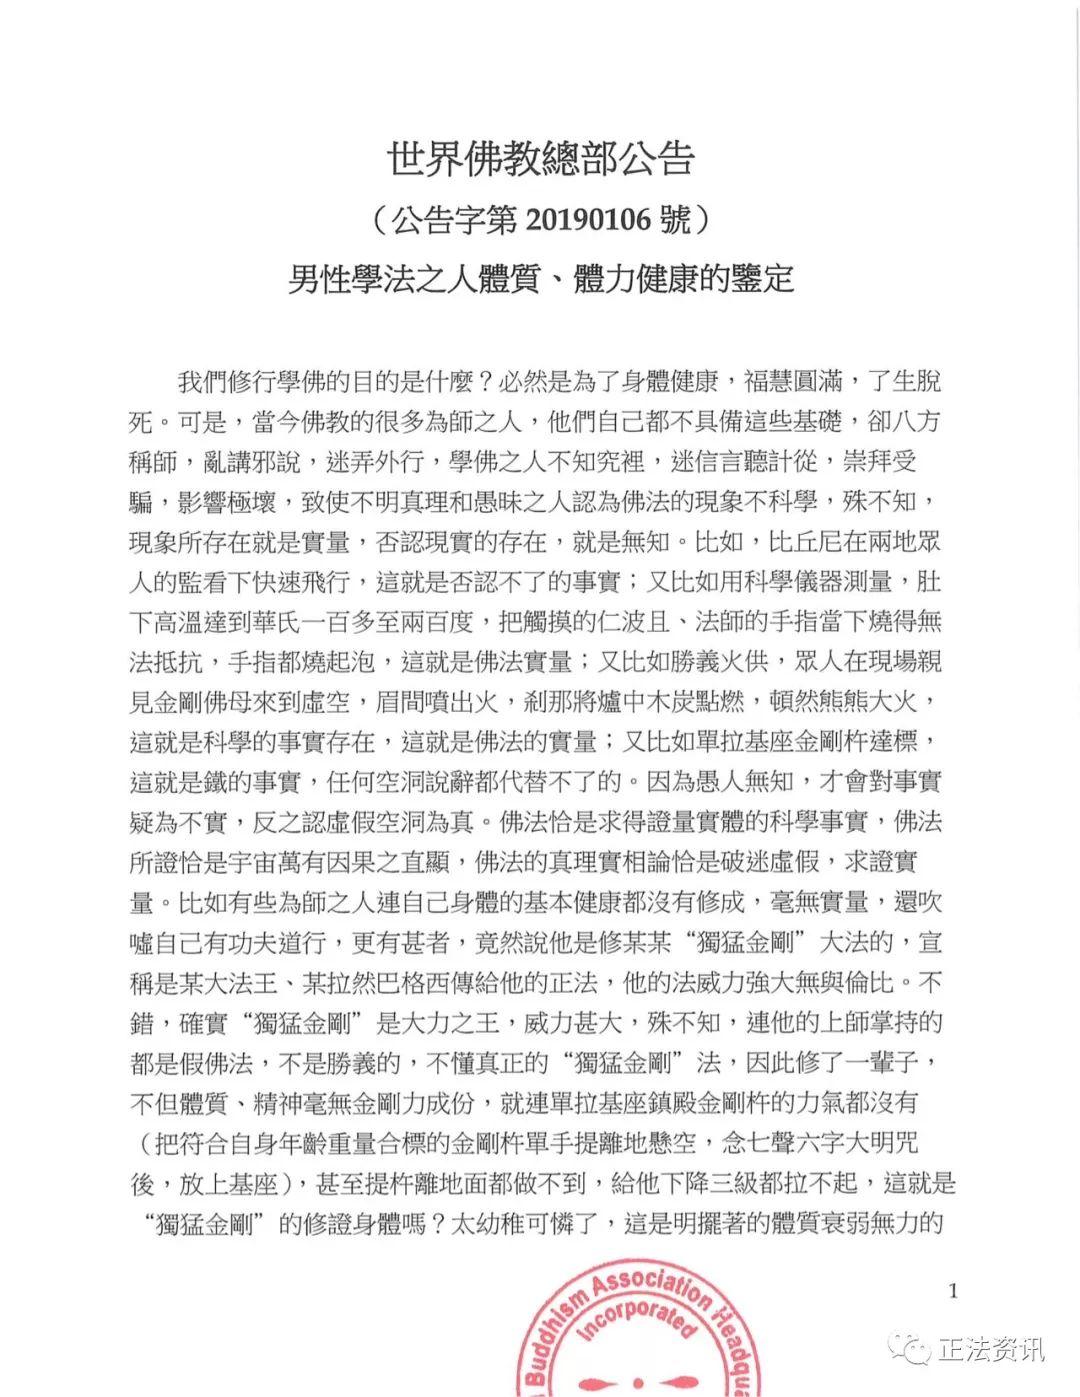 世界佛教總部公告(公告字第20190106號) 男性學法之人體質、體力健康的鑒定